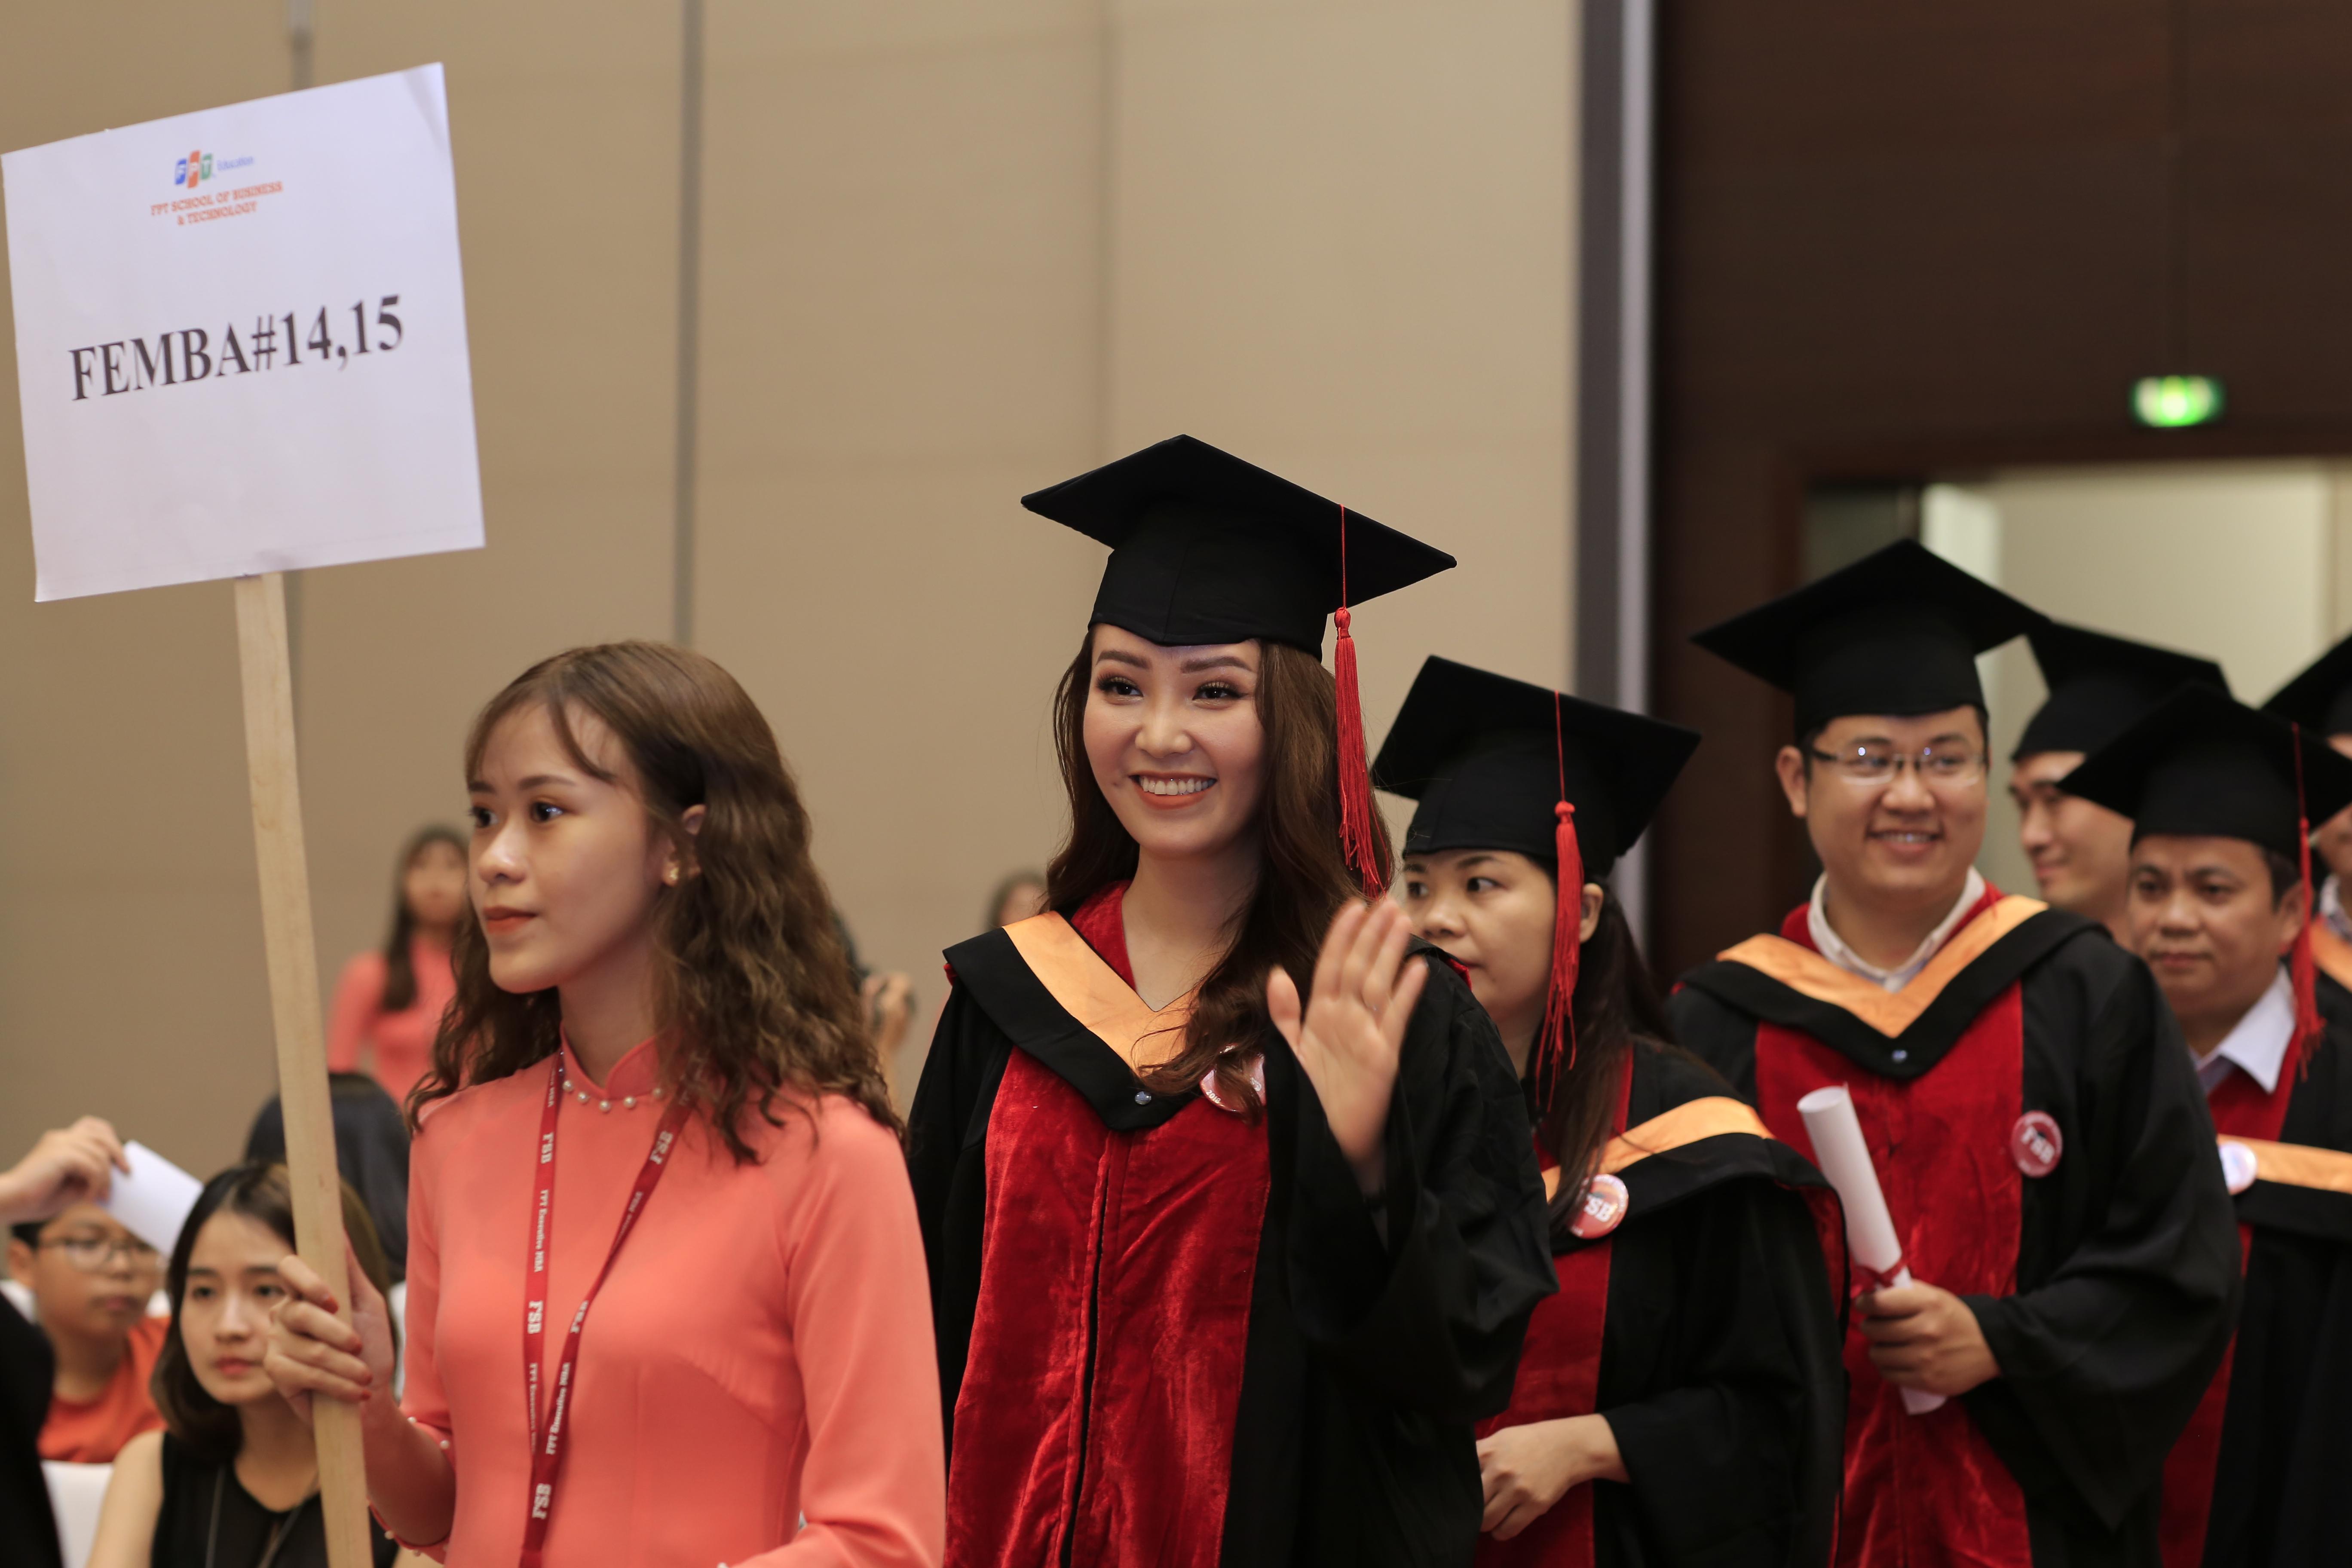 """Buổi lễ tốt nghiệp đã dành cho các học viên một sự xuất hiện đầy trang trọng và ý nghĩa khi họ xuất hiện từ phía sau hội trường, nhận được sự chào đón của người thân và bạn bè đến dự. Cảm thấy rất vui mừng và xúc động khi bước trên thảm đỏ chào mừng tại buổi lễ tốt nghiệp, anh Nguyễn Thanh Phương, Công ty Cổ phần Đầu tư Việt Hưng,học viên FeMBA khoá 6, bộc bạch: """"Sau khi học xong khoá Quản trị Kinh doanh tại FSB, tôi cảm thấy tự tin hơn trong cả công việc và cuộc sống. FSB có một phong cách đào tạo rất bài bản và thực tế, đào tạo ra những lứa học viên xuất sắc, góp phần phát triển nền kinh tế của Việt Nam""""."""